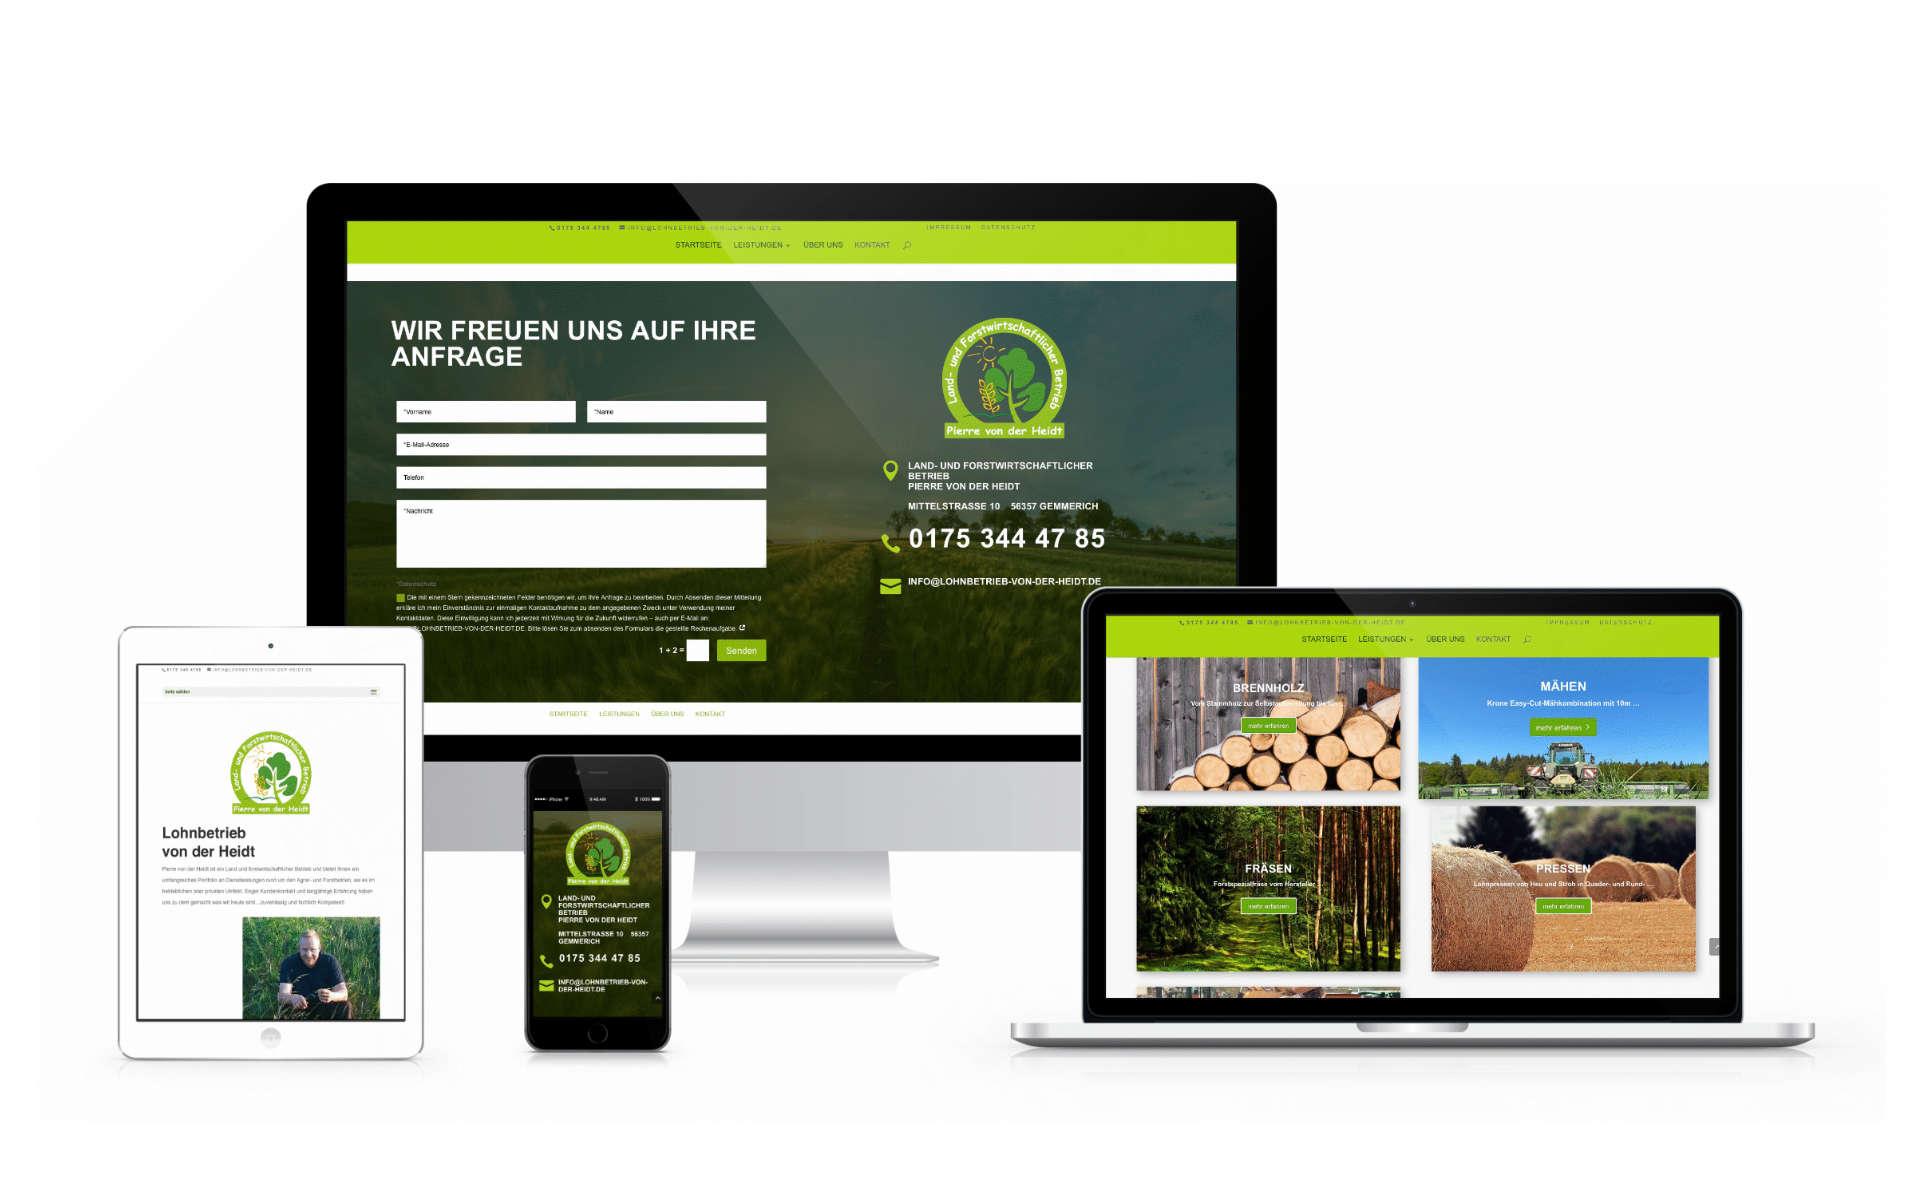 Webdesign Lohnbetrieb von der Heidt